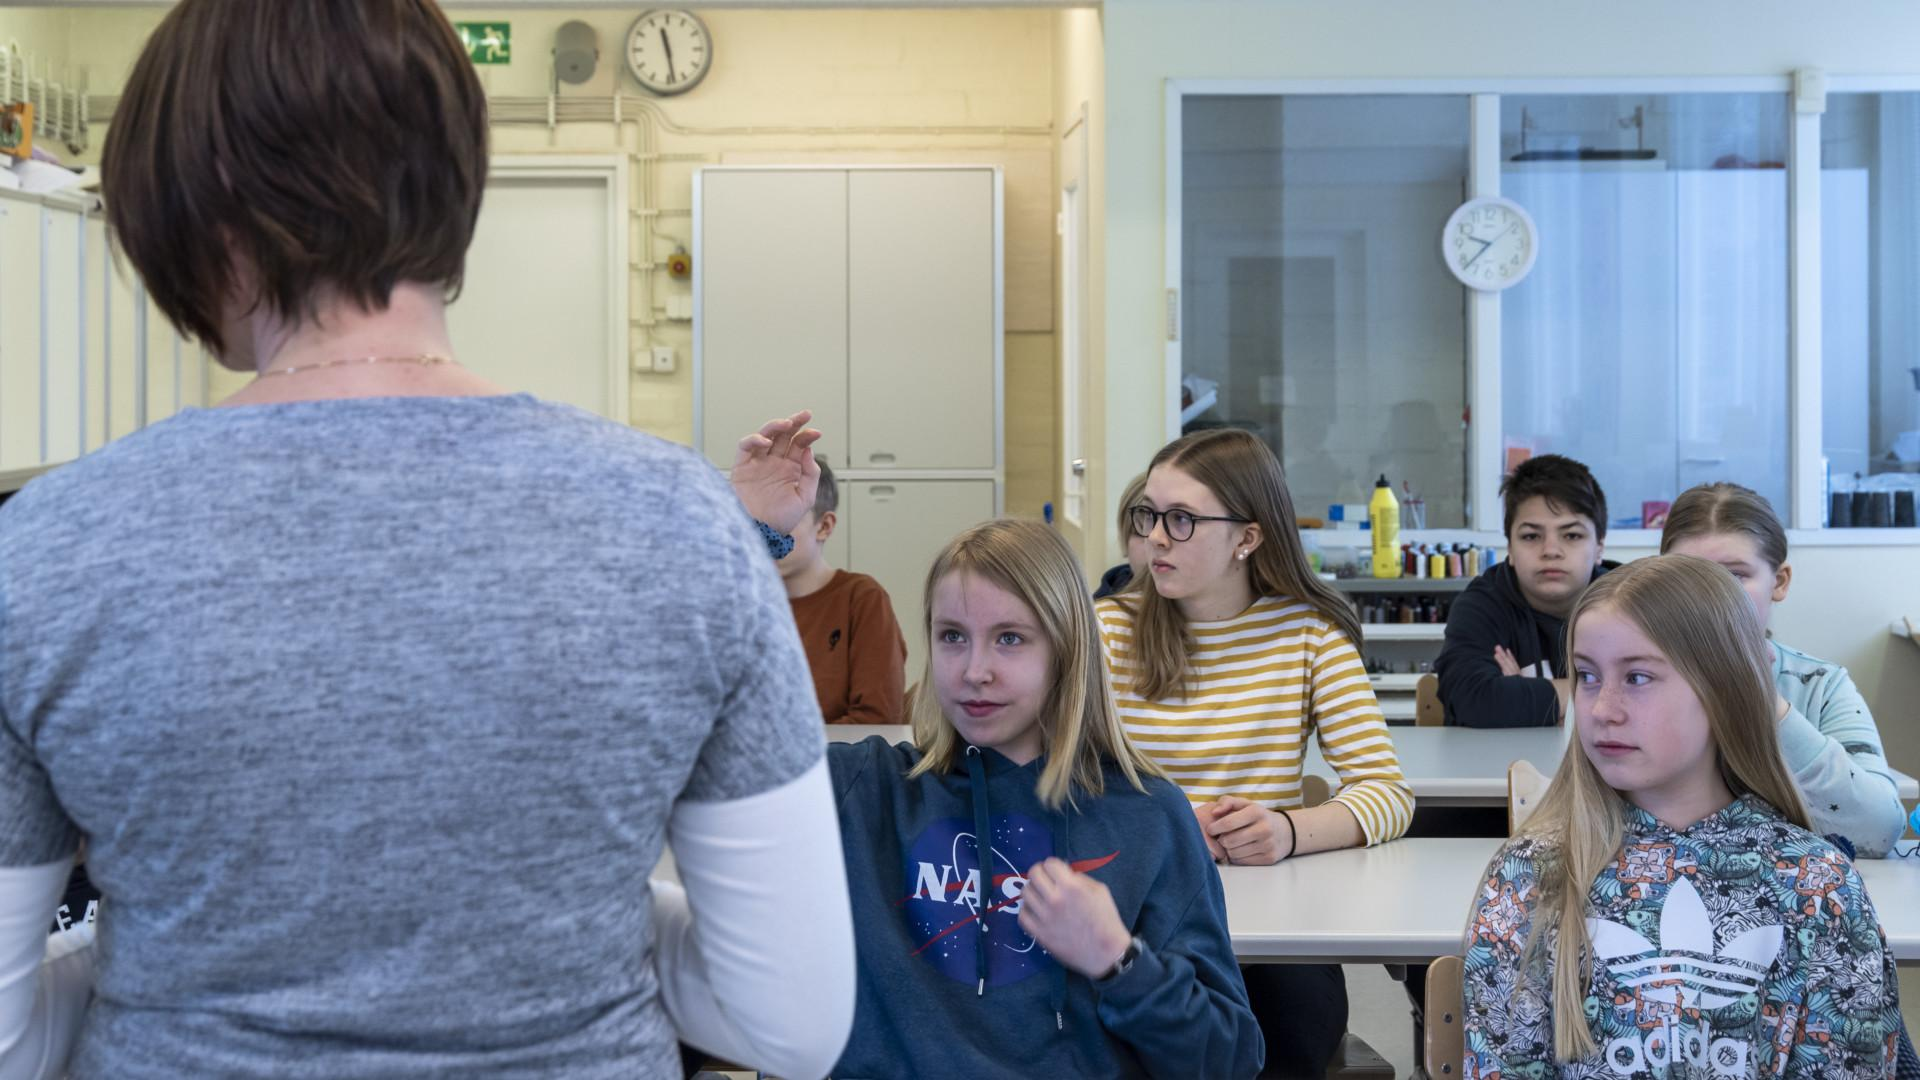 Kultavuoren koulun oppilaita ja opettaja luokassa.